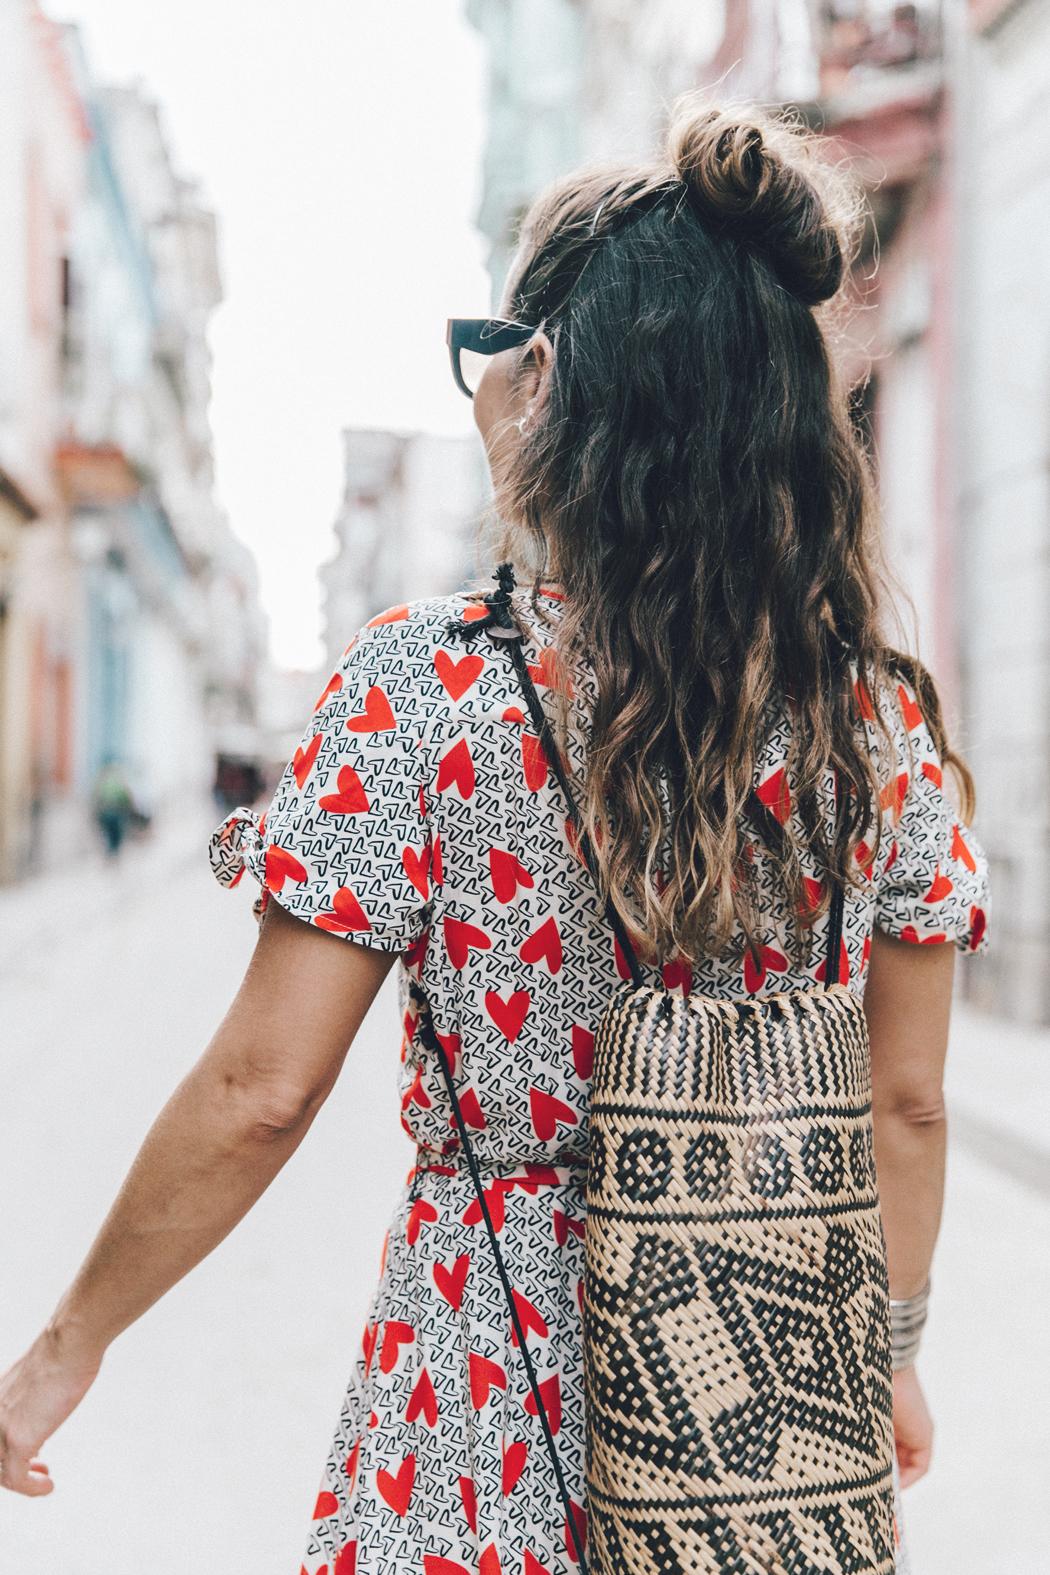 Cuba-La_Habana_Vieja-Hearts_Dress-Styled_By_Me-Aloha_Espadrilles-Outfit-Street_Style-Dress-Backpack-22